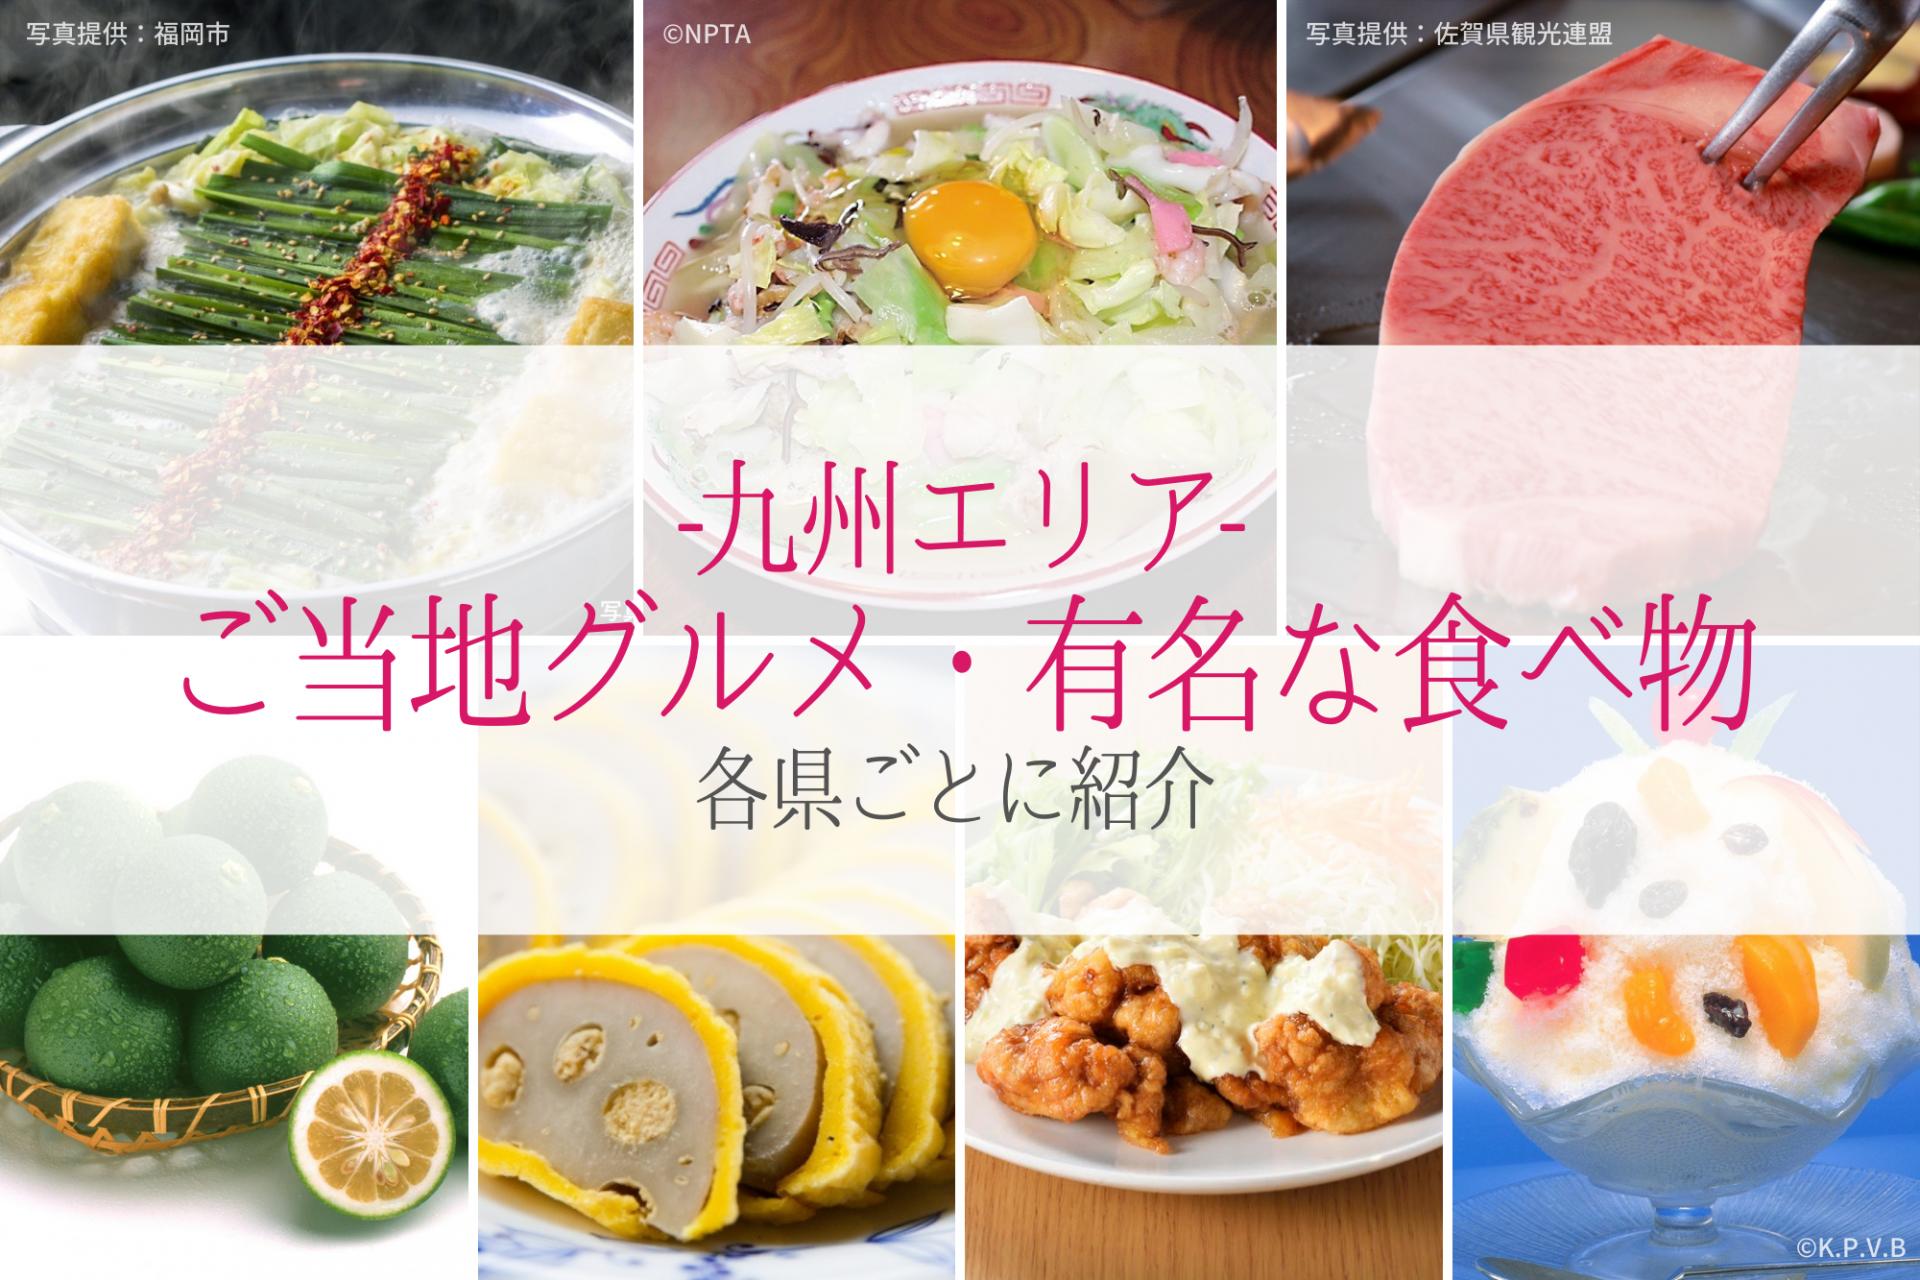 九州 有名 な 食べ物 ご当地 グルメ 旅行 観光